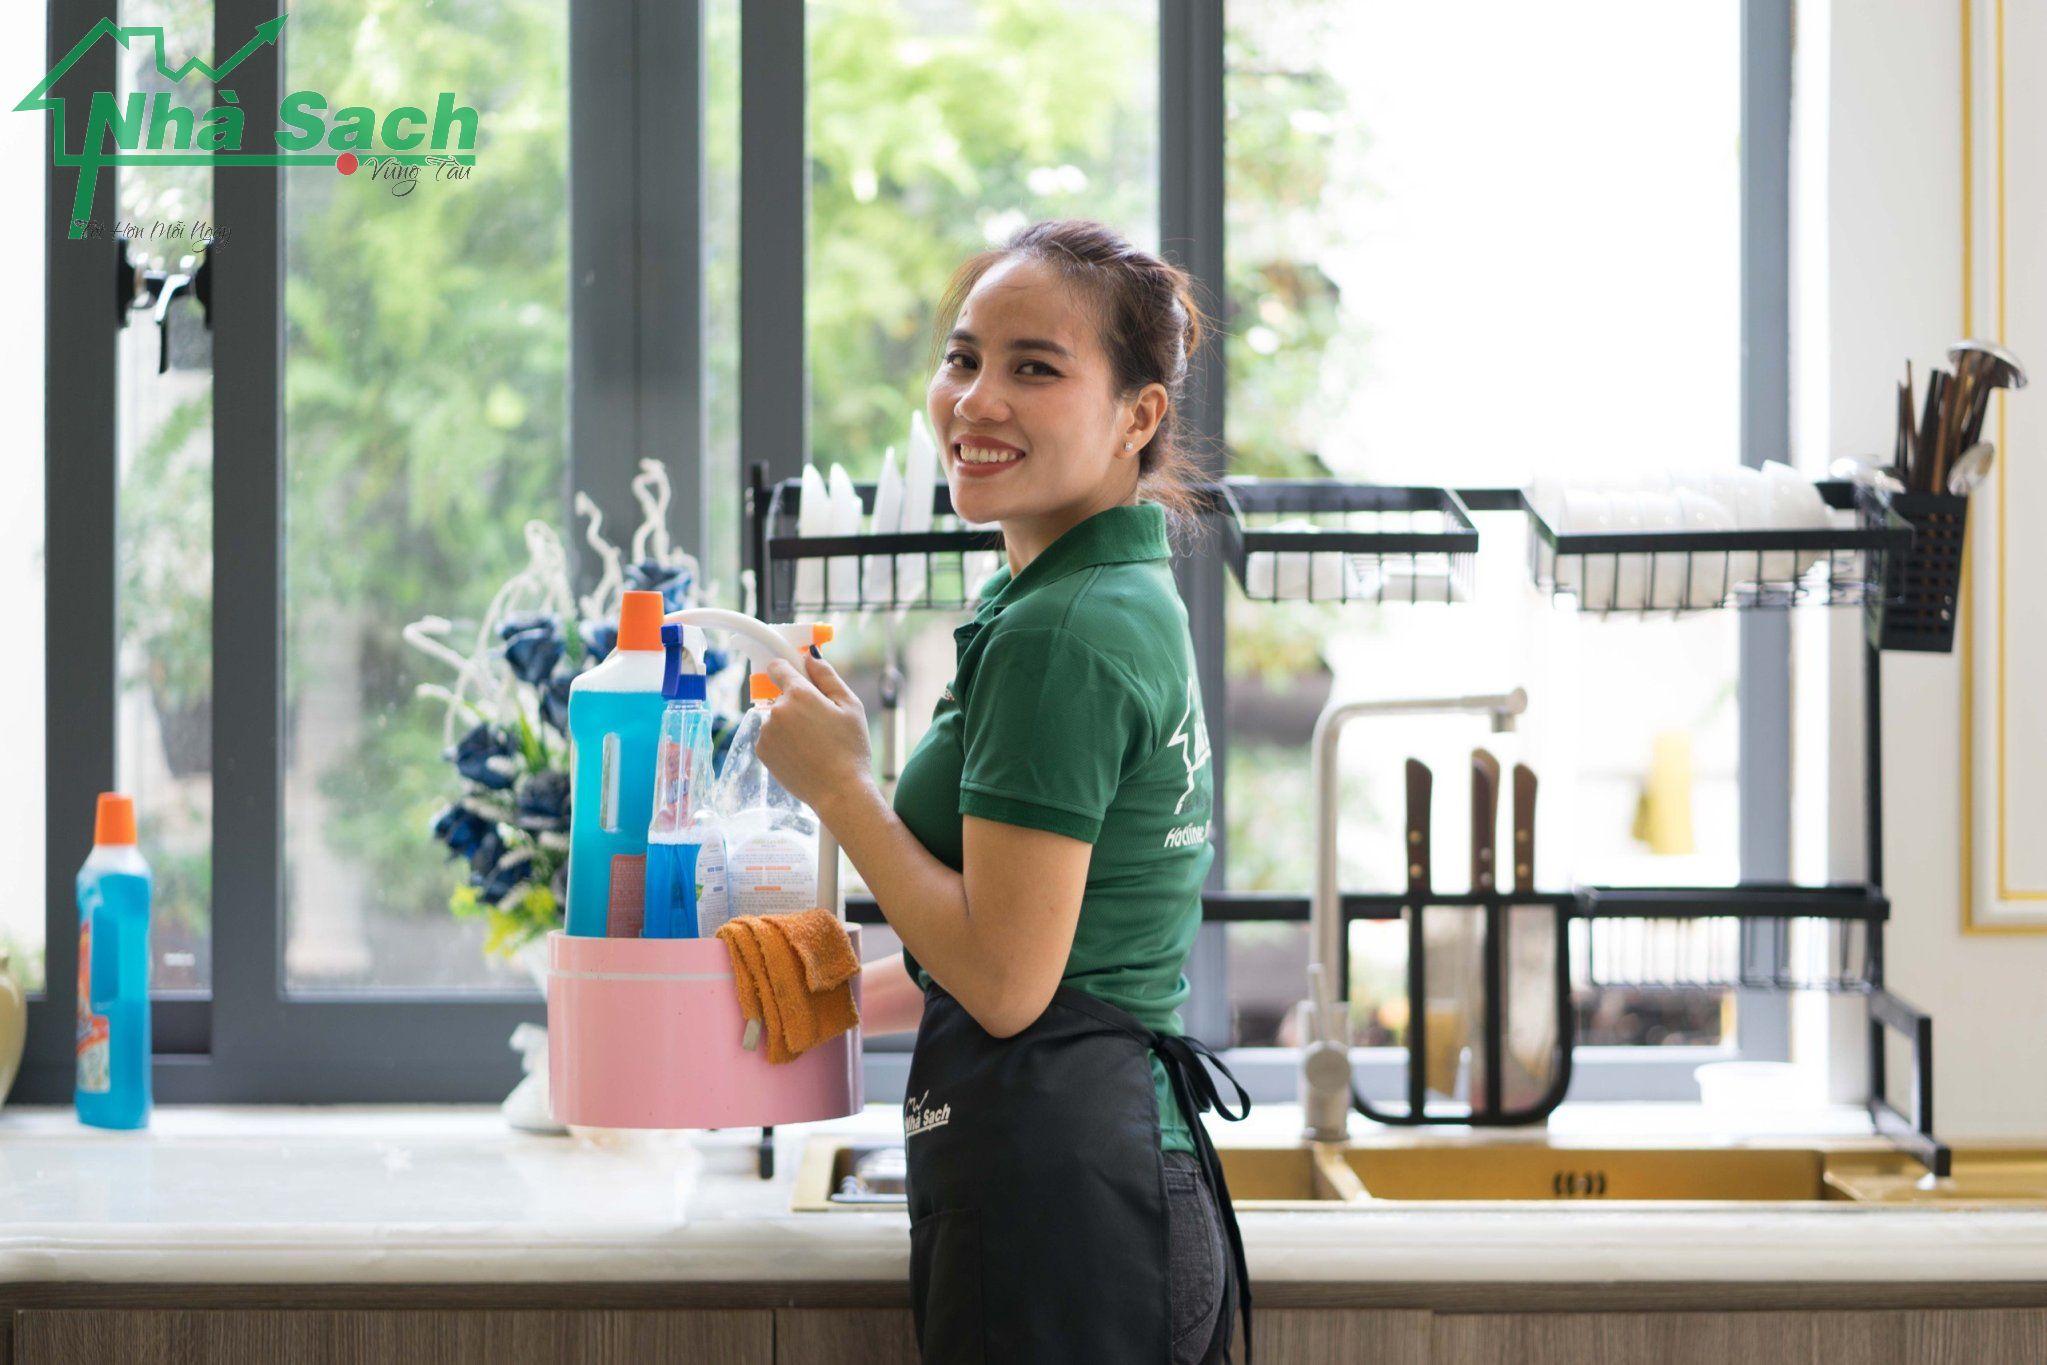 Hãy ưu tiên ngay các công ty có thể đáp ứng những nhu cầu dịch vụ dọn dẹp nhà ở của bạn. Dựa trên thoả thuận hợp đồng.